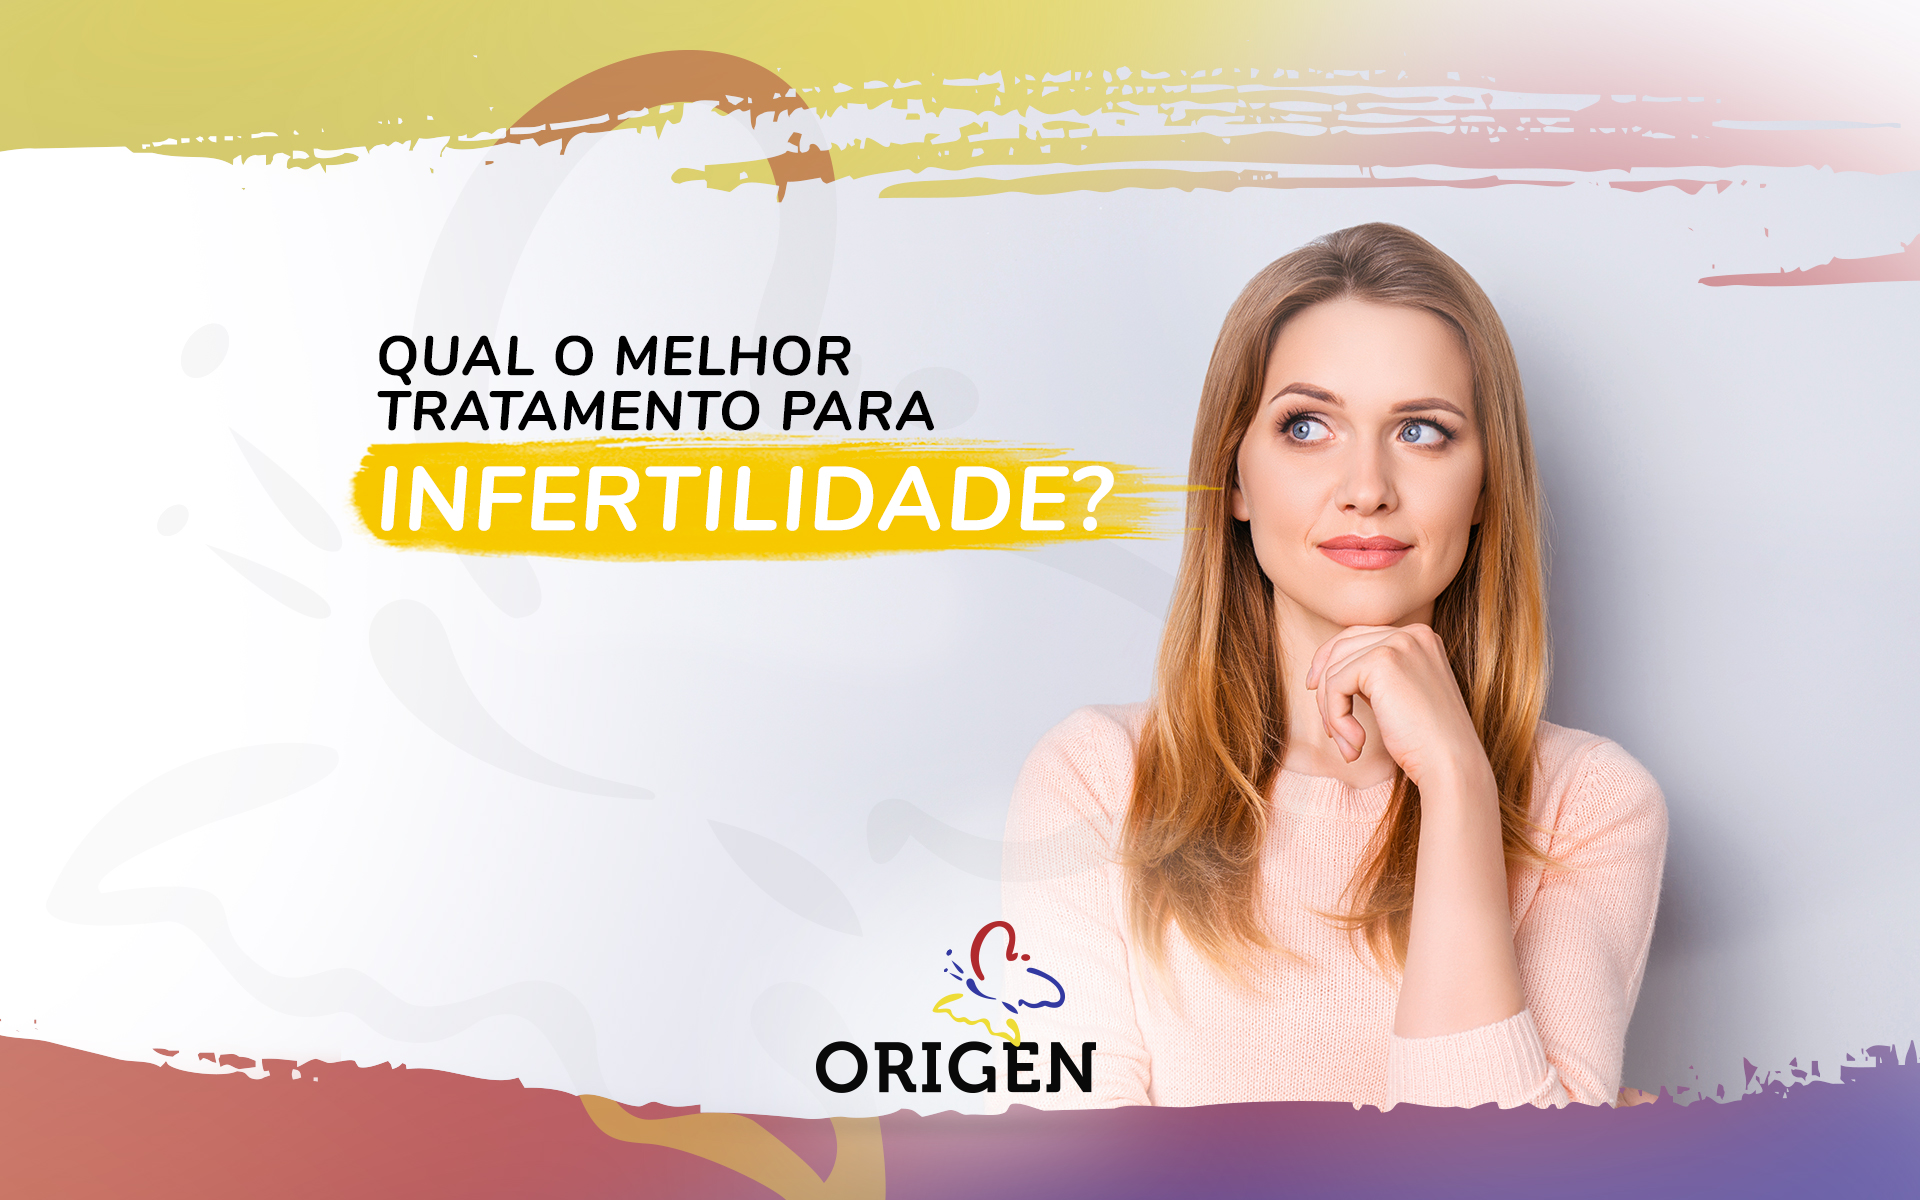 Qual o melhor tratamento para infertilidade?